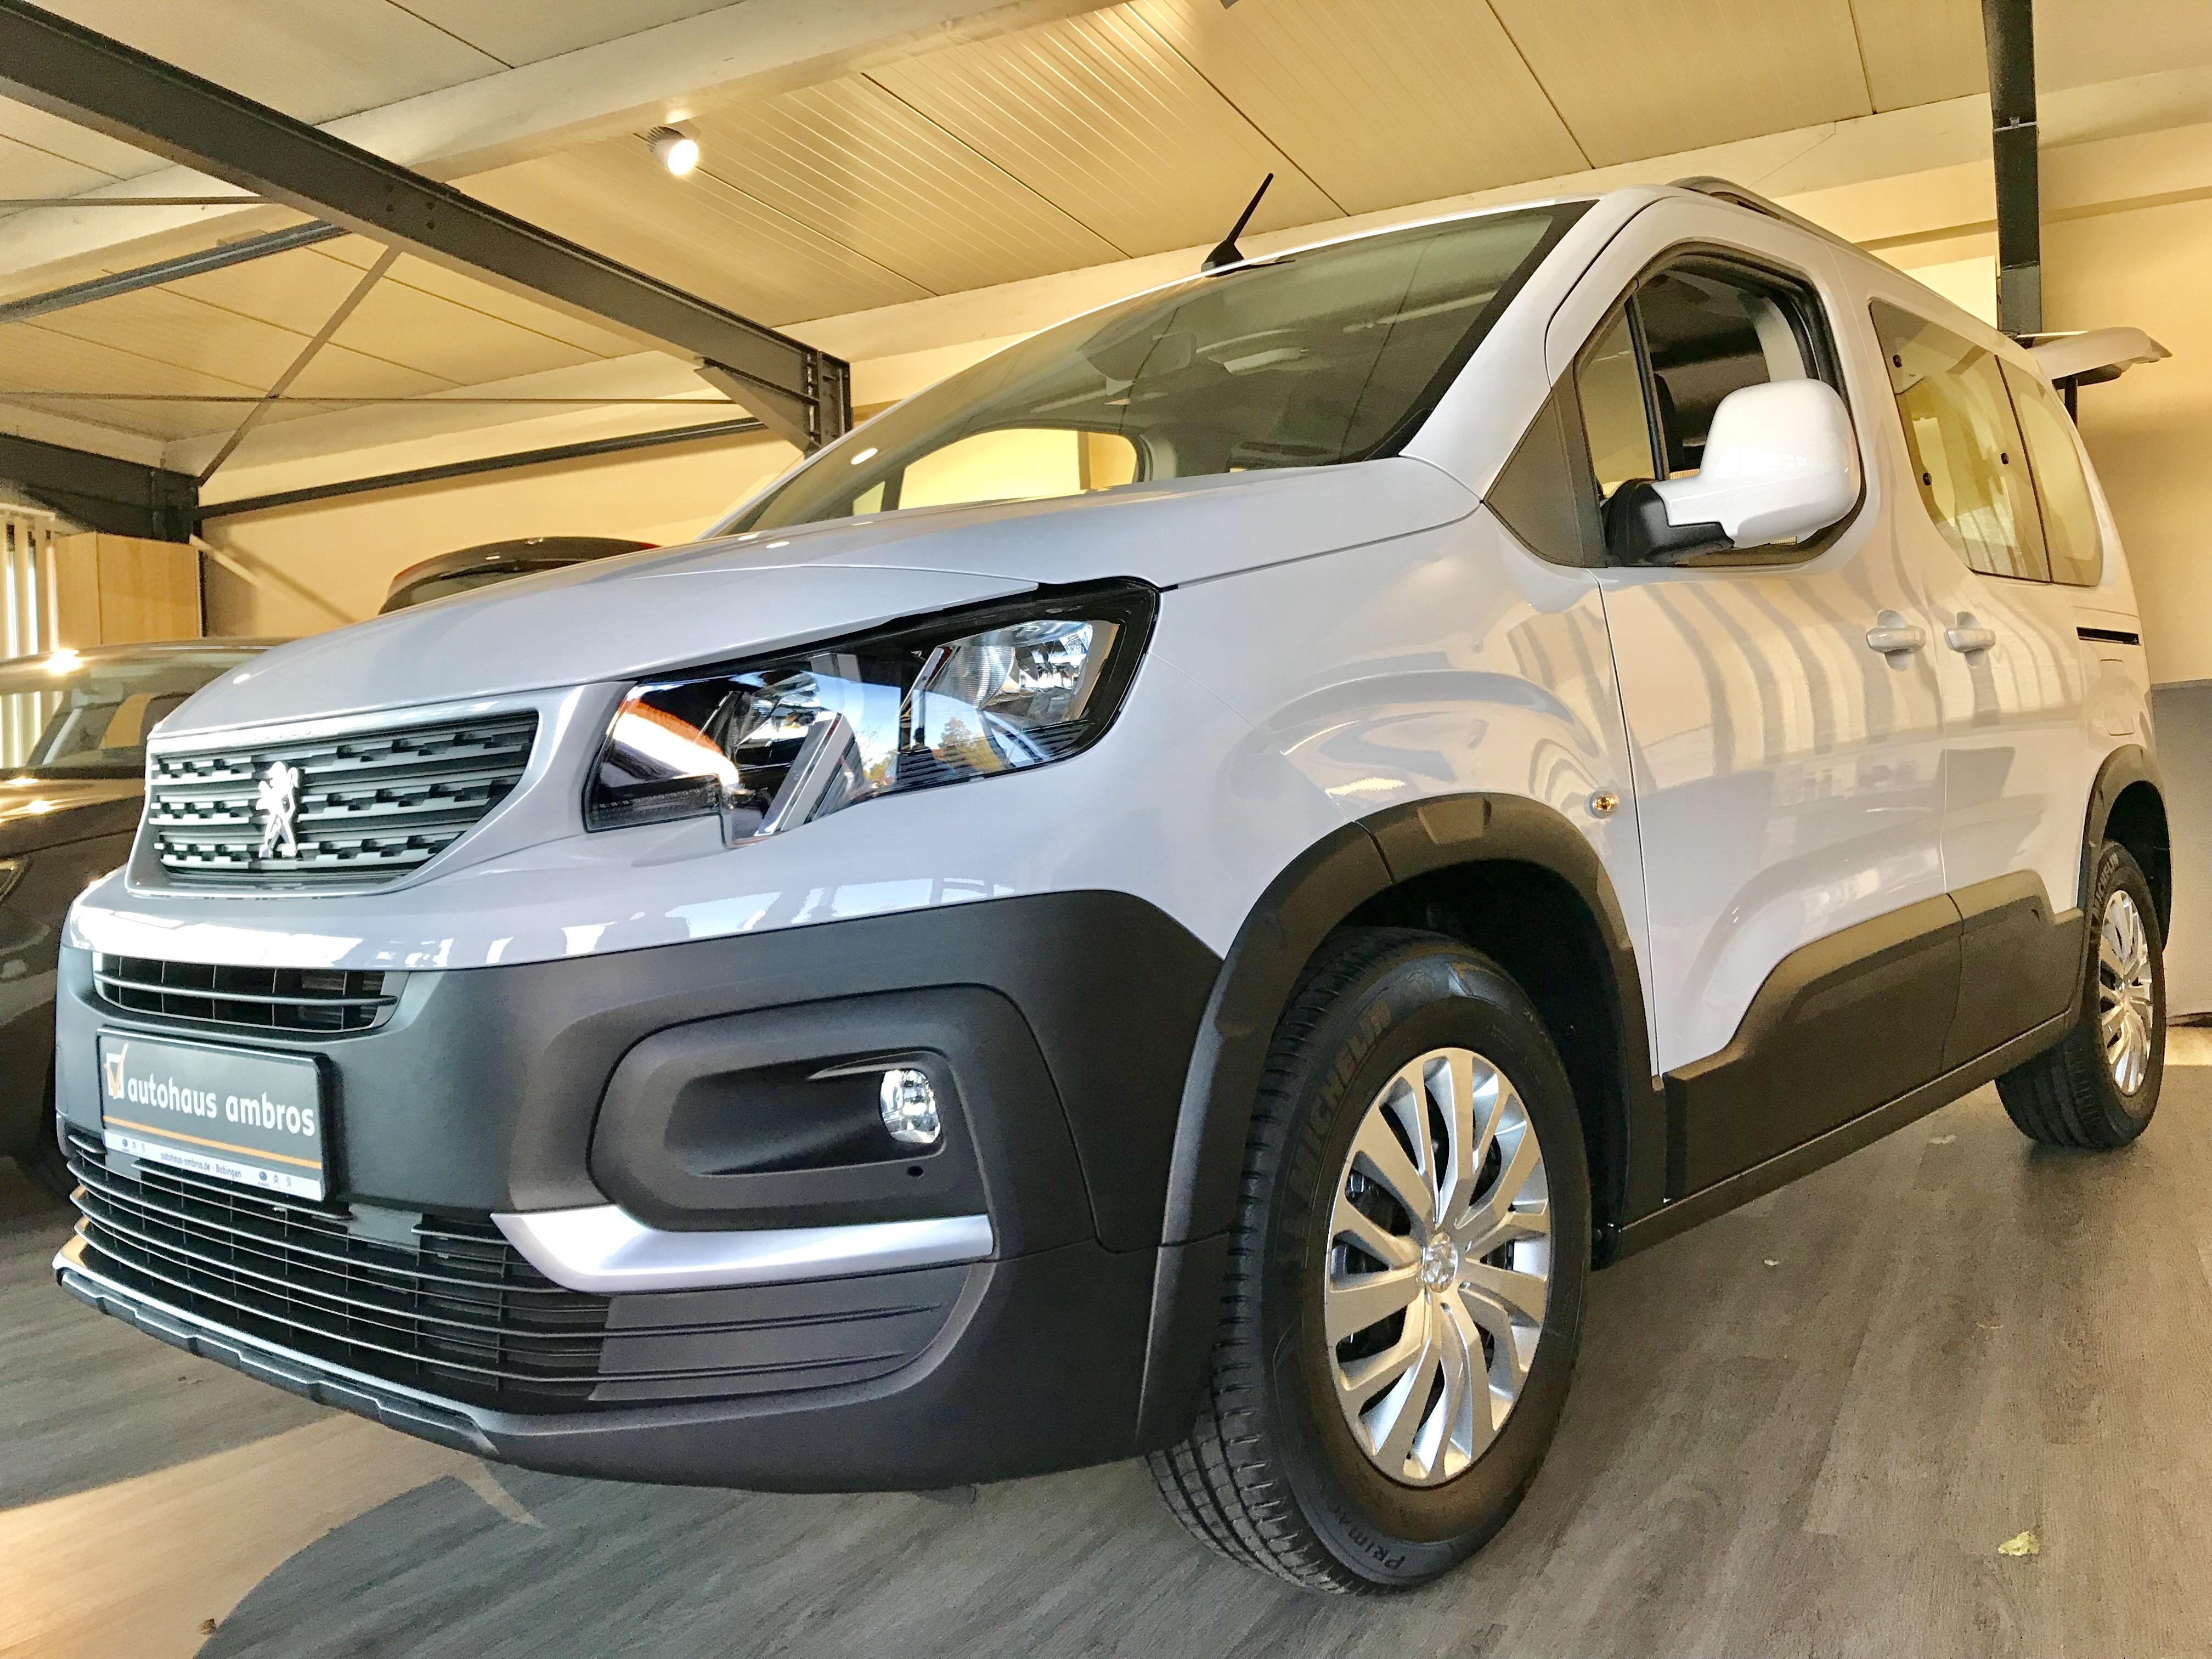 Renault Rifter